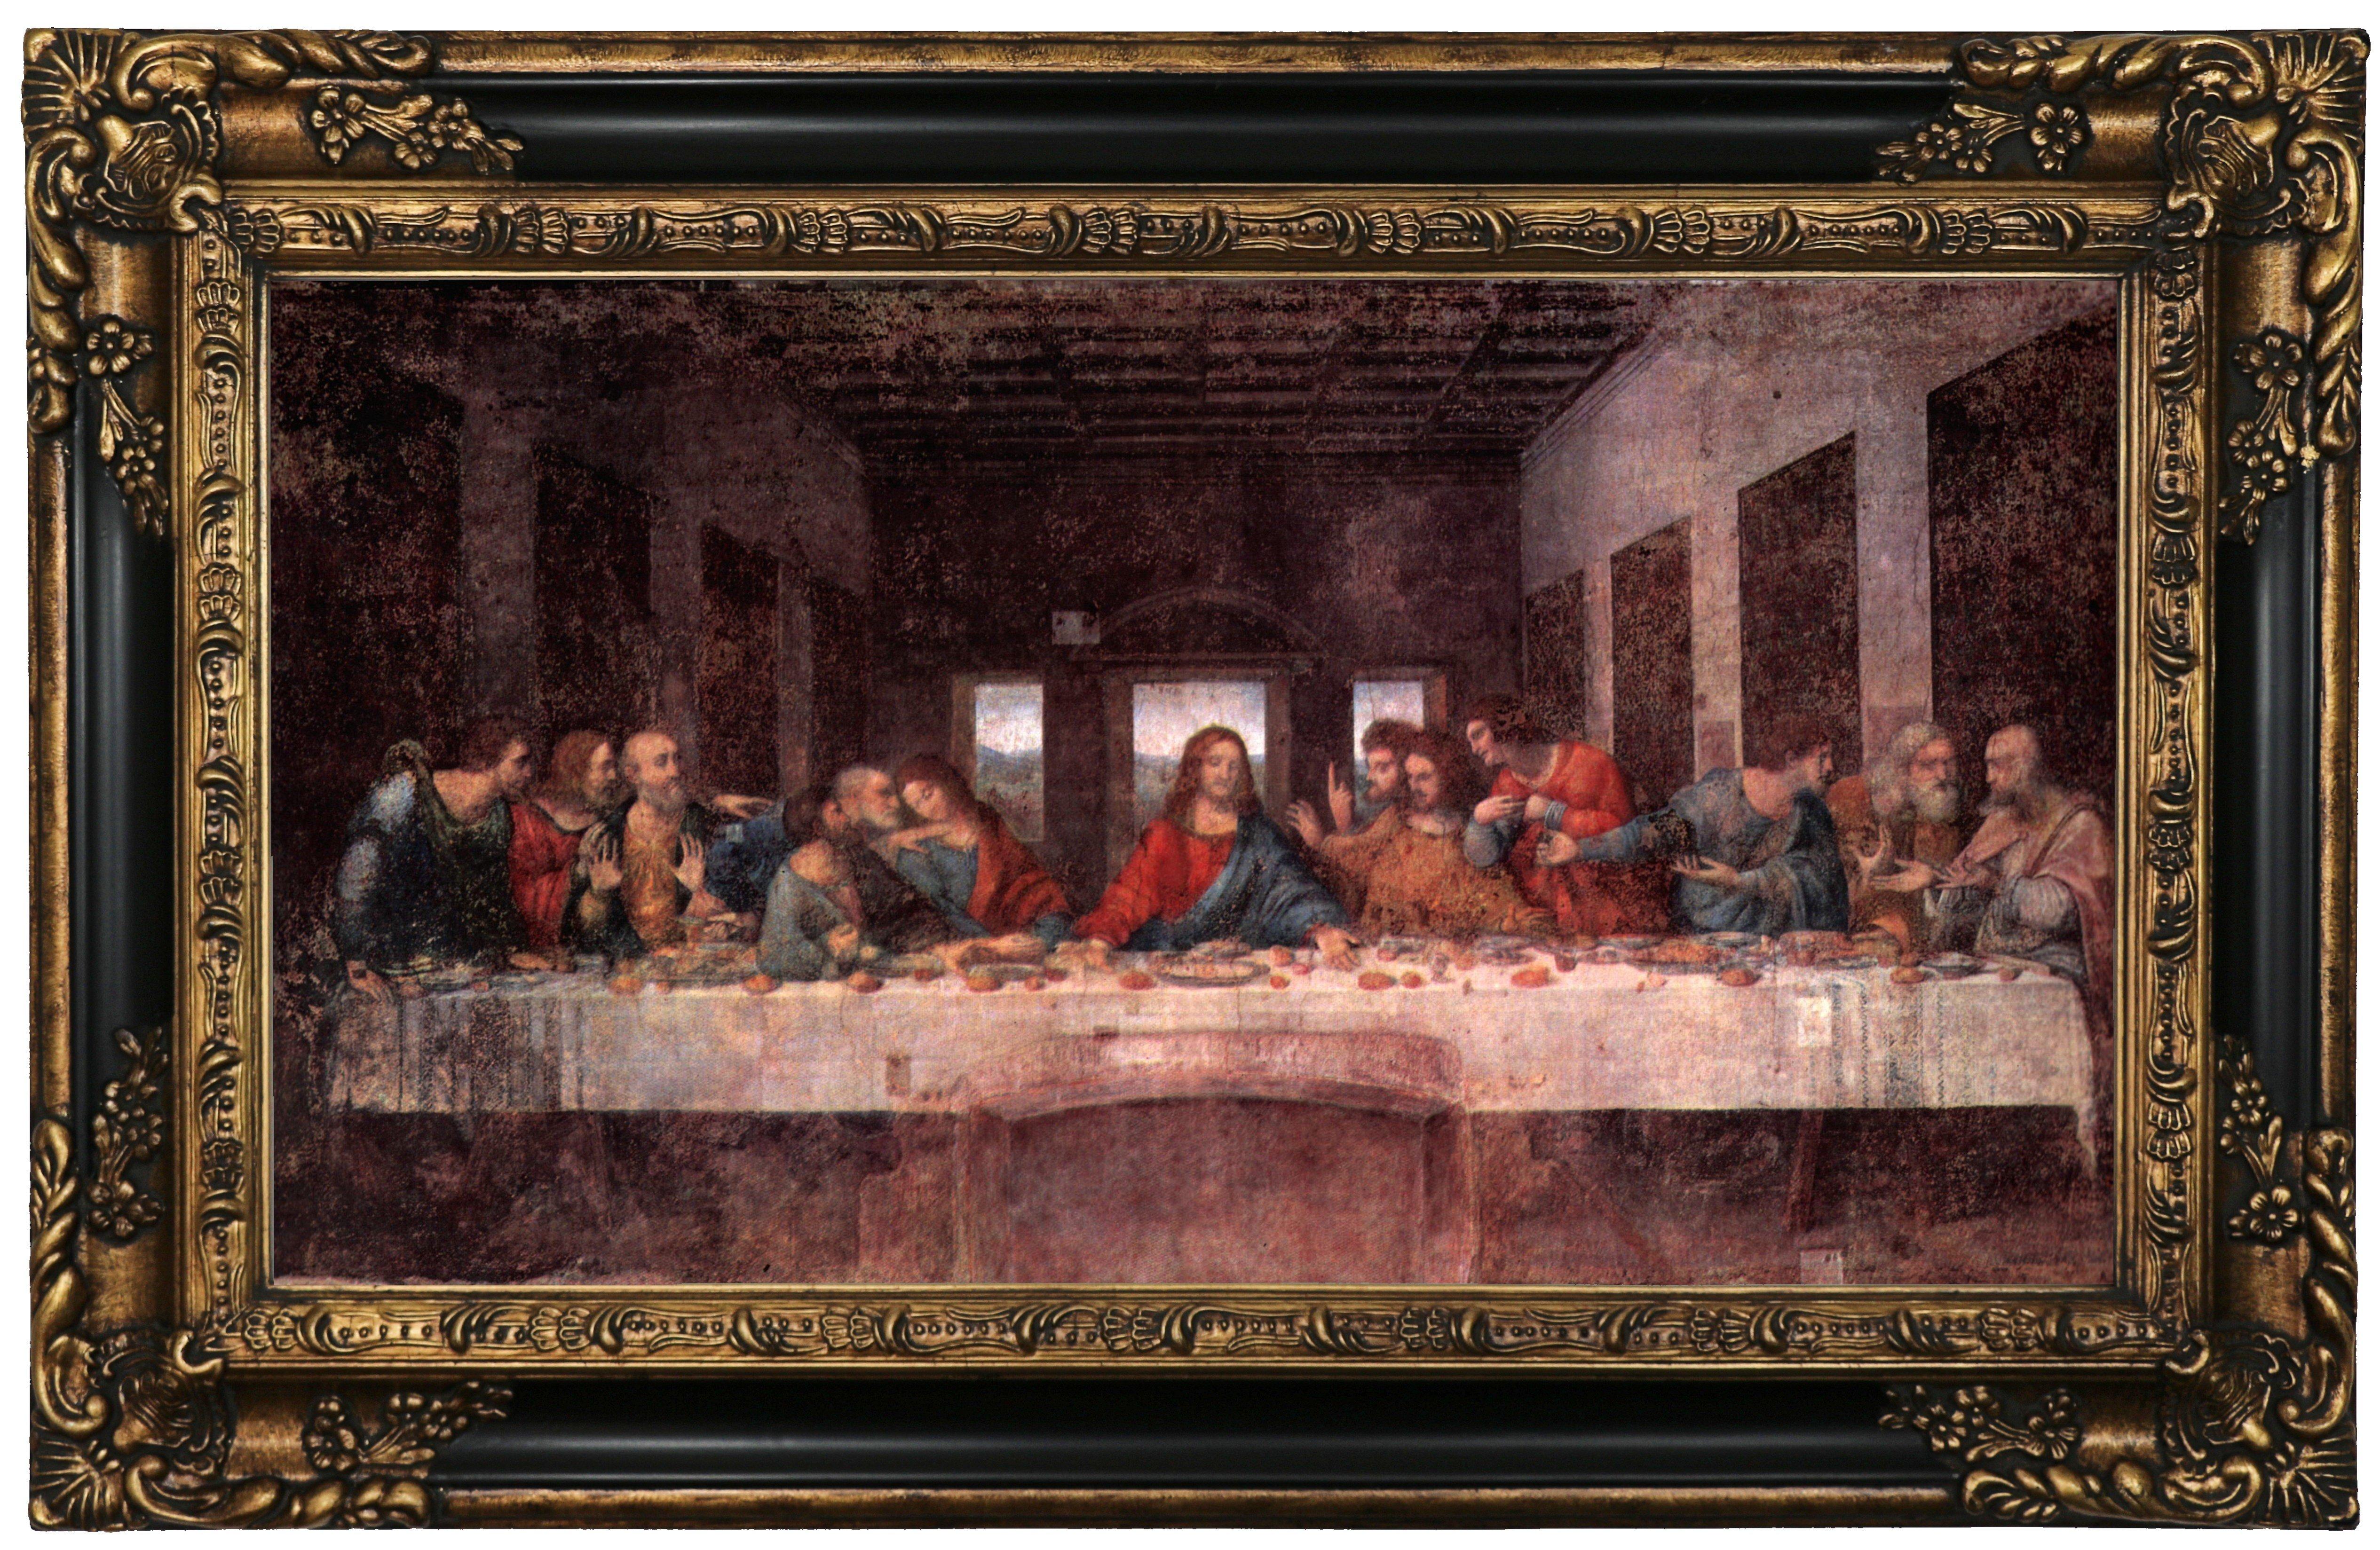 Leonardo Da Vinci The Last Supper Coloring Page The Last Supper Leonardo Da Vinci Framed Oil Painting Print On Canvas In Gold